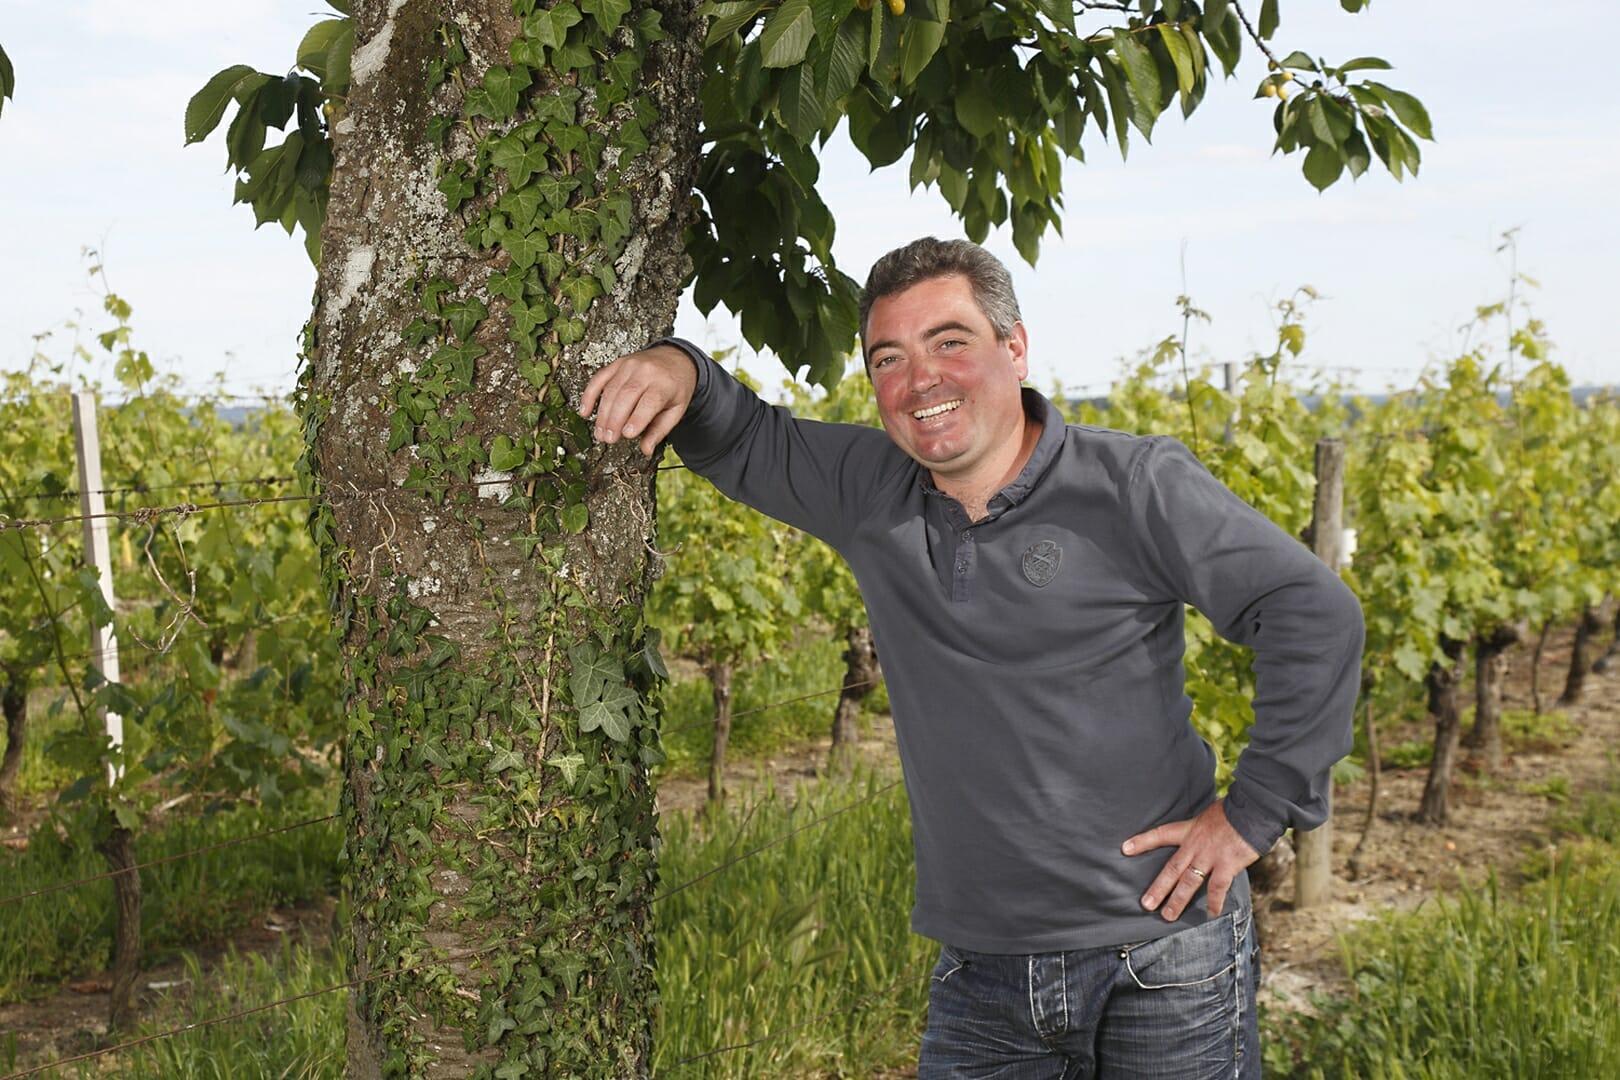 Les caves du Plessis Stéphane RENOU saint nicolas de bourgueil vignes